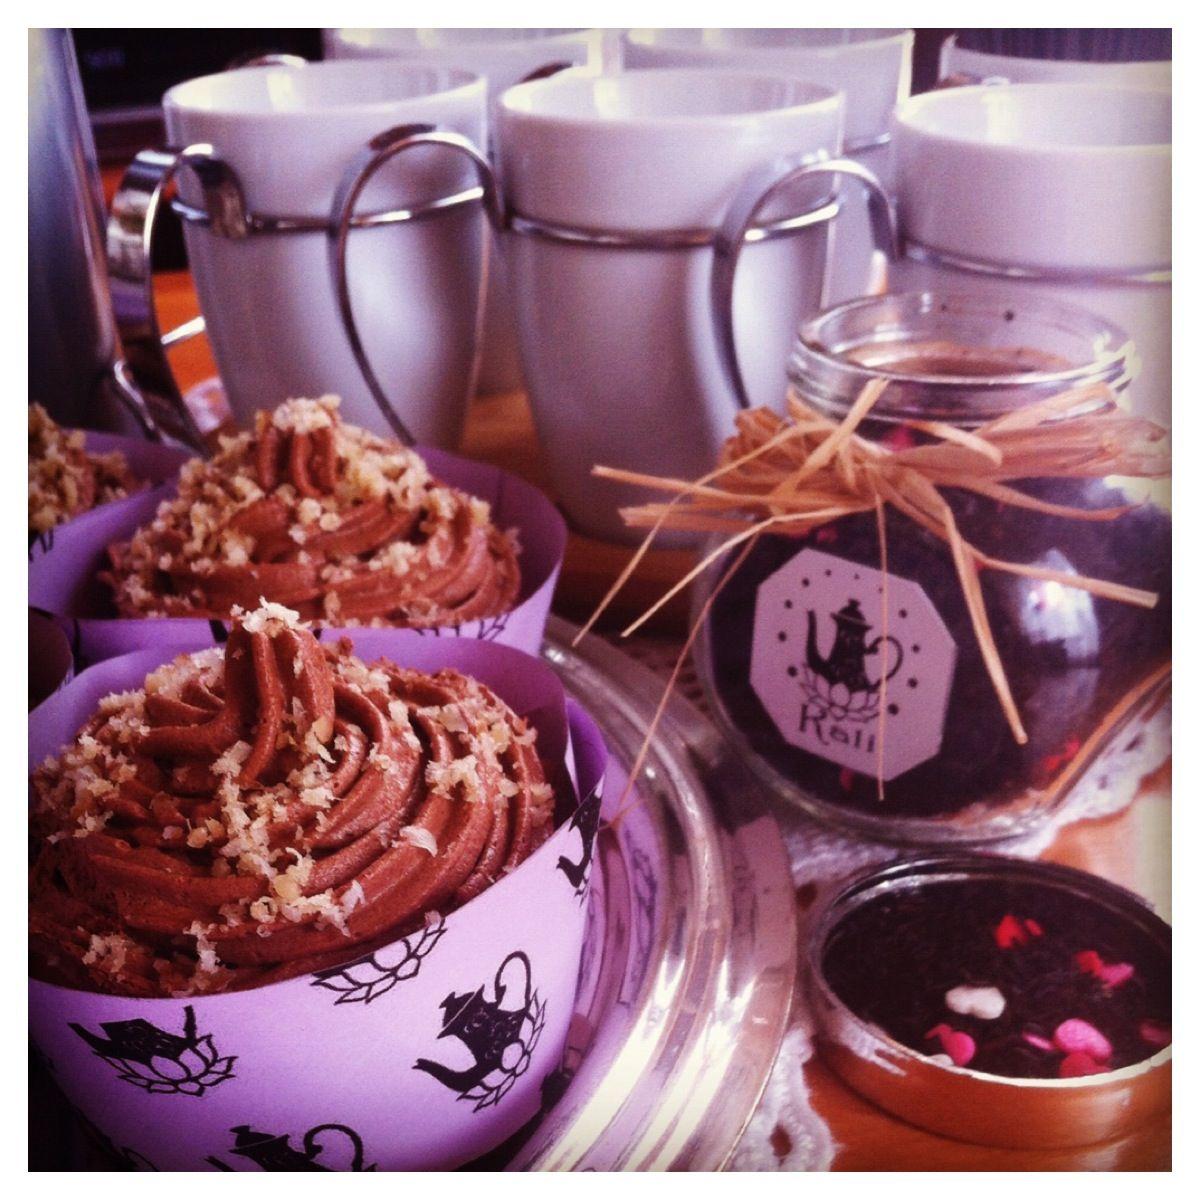 Té Kali en clases de Biodanza sirviendo un exquisito Té Enamora con aroma a cacao y vainilla, acompañado con deliciosos cupcakes Kali de chocolate y nuez, especial para darle calor a esta fría tarde.